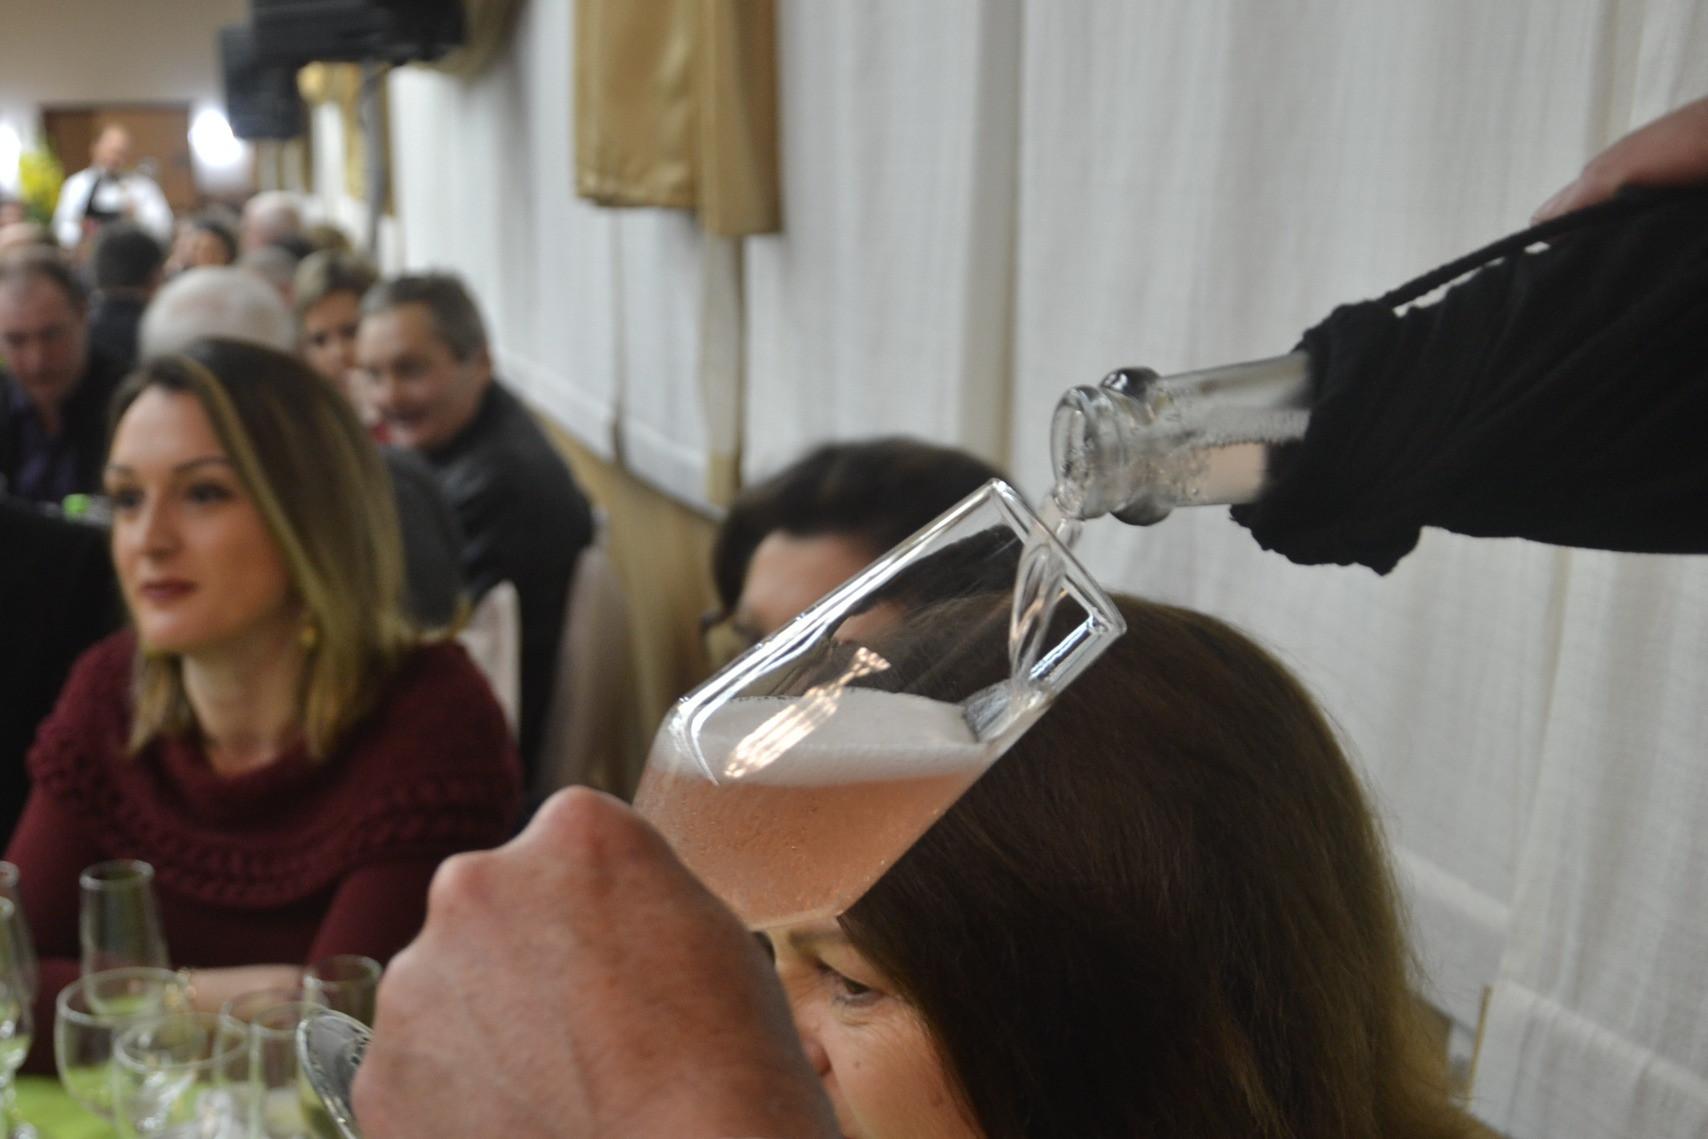 Foto Jantar Seleção dos Melhores Vinhos, Espumantes e Sucos de Garibaldi é no dia 23 de agosto